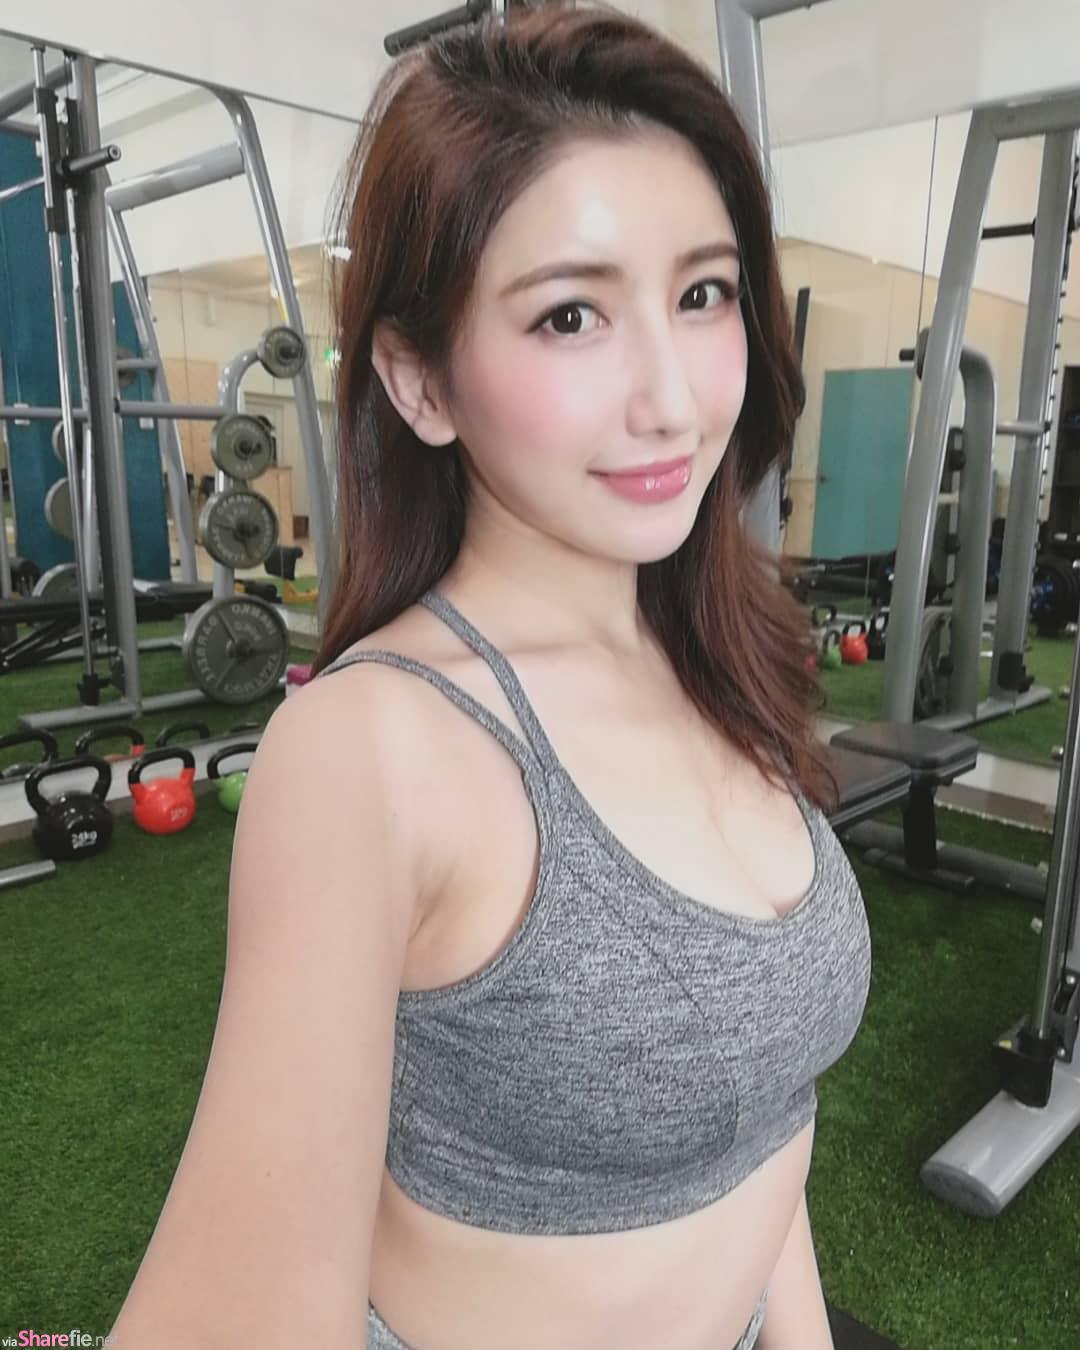 日本正妹Alisa,甜美脸蛋魔鬼身材